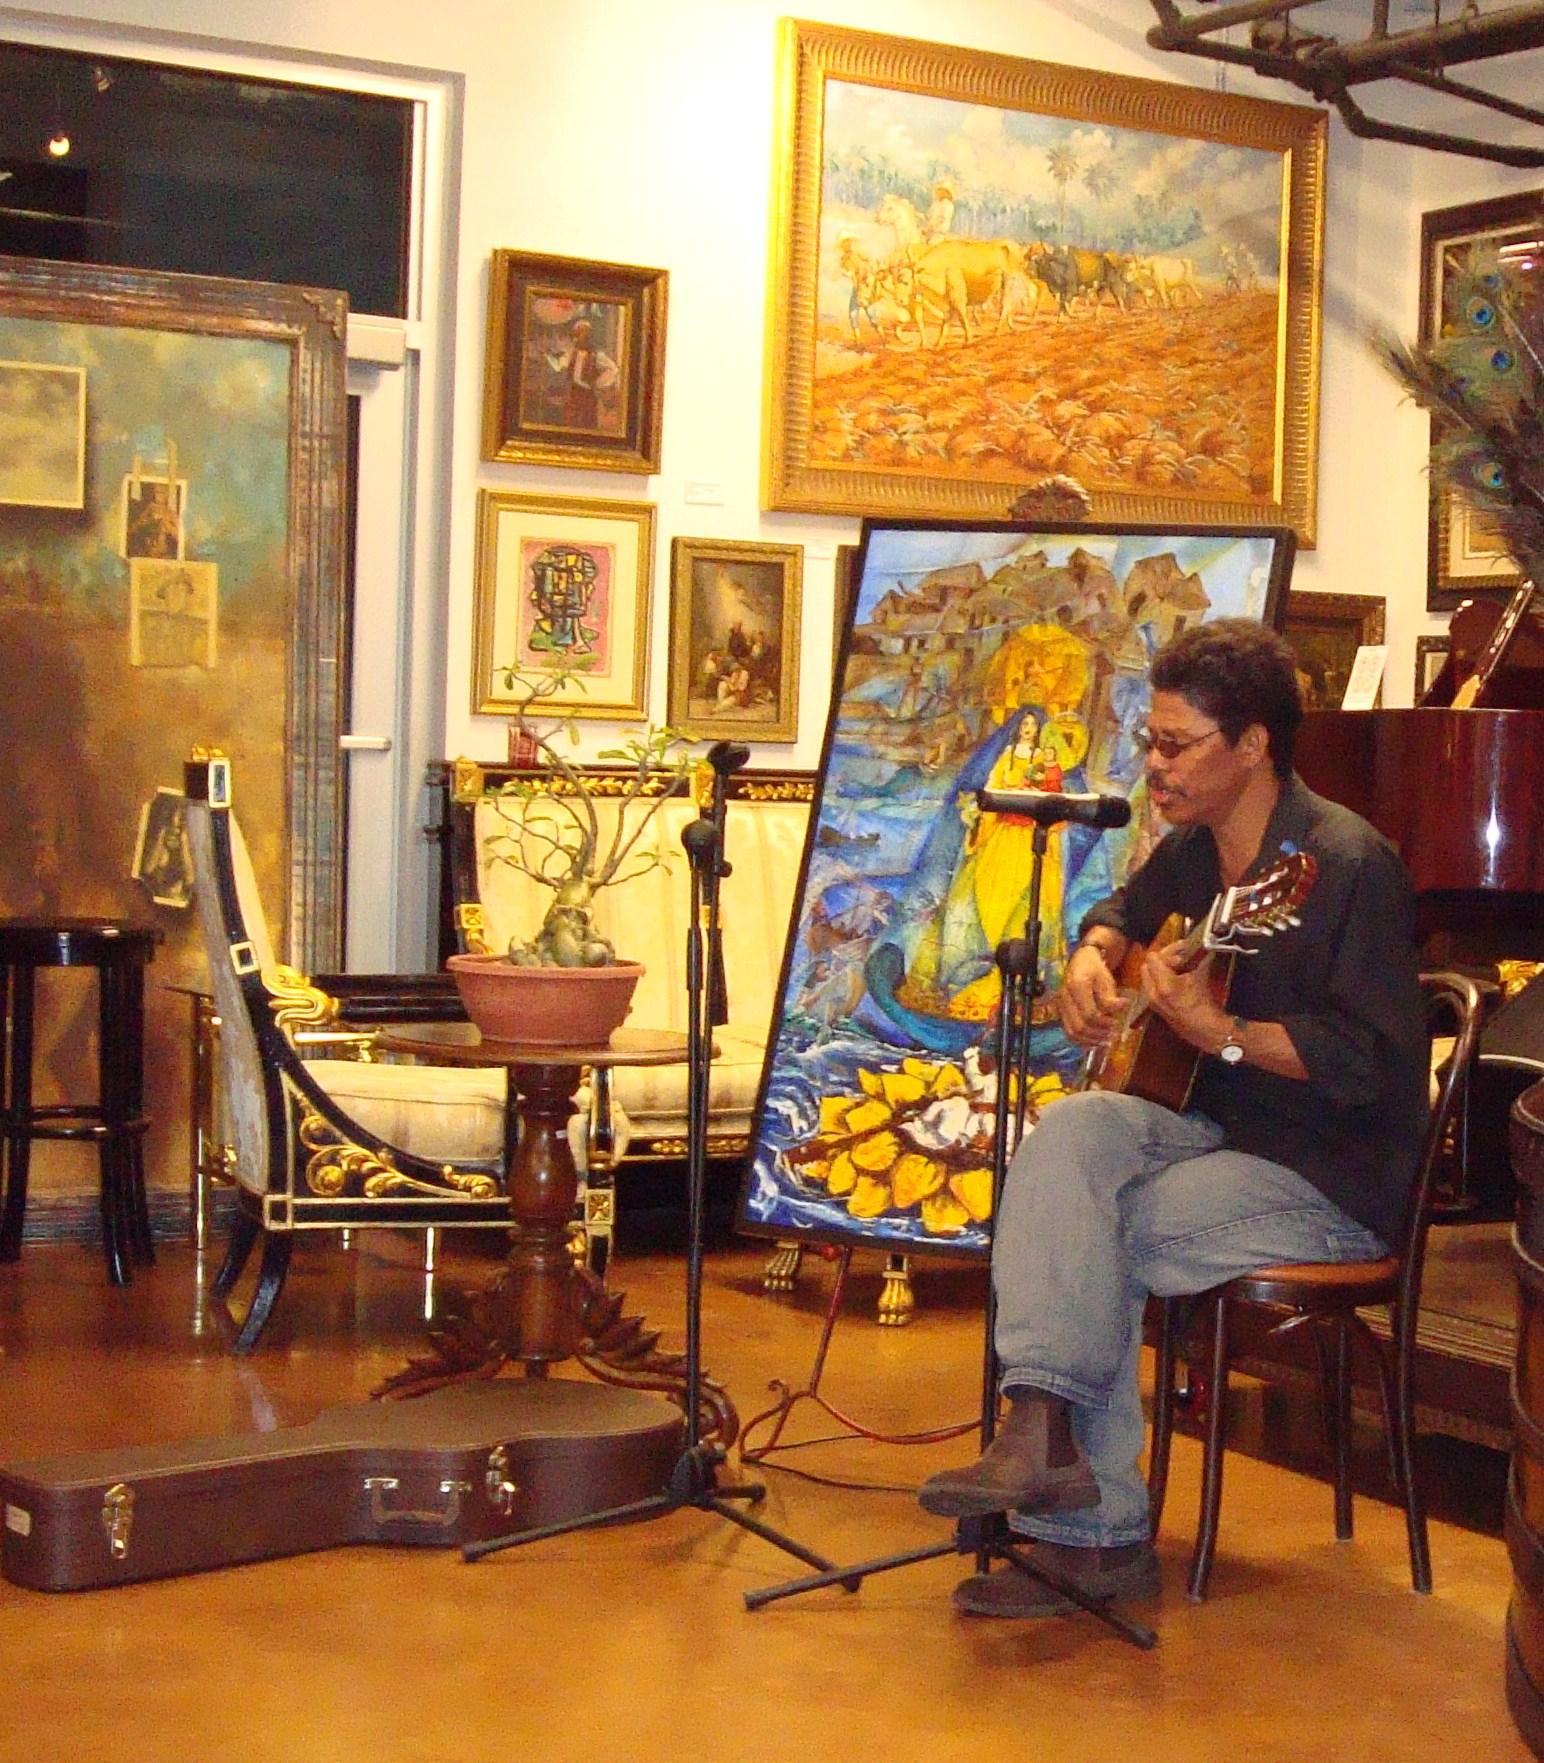 El trovador Alberto Cabrales interpretando sus canciones, junto al cuadro ÉXODO CACHITA, de Ignacio Pérez Vázquez, también presente en la Revista BRUJULAR DE MIAMI, y el Bonsai Babel, de Raúl Ortiz, padre de Melisa.